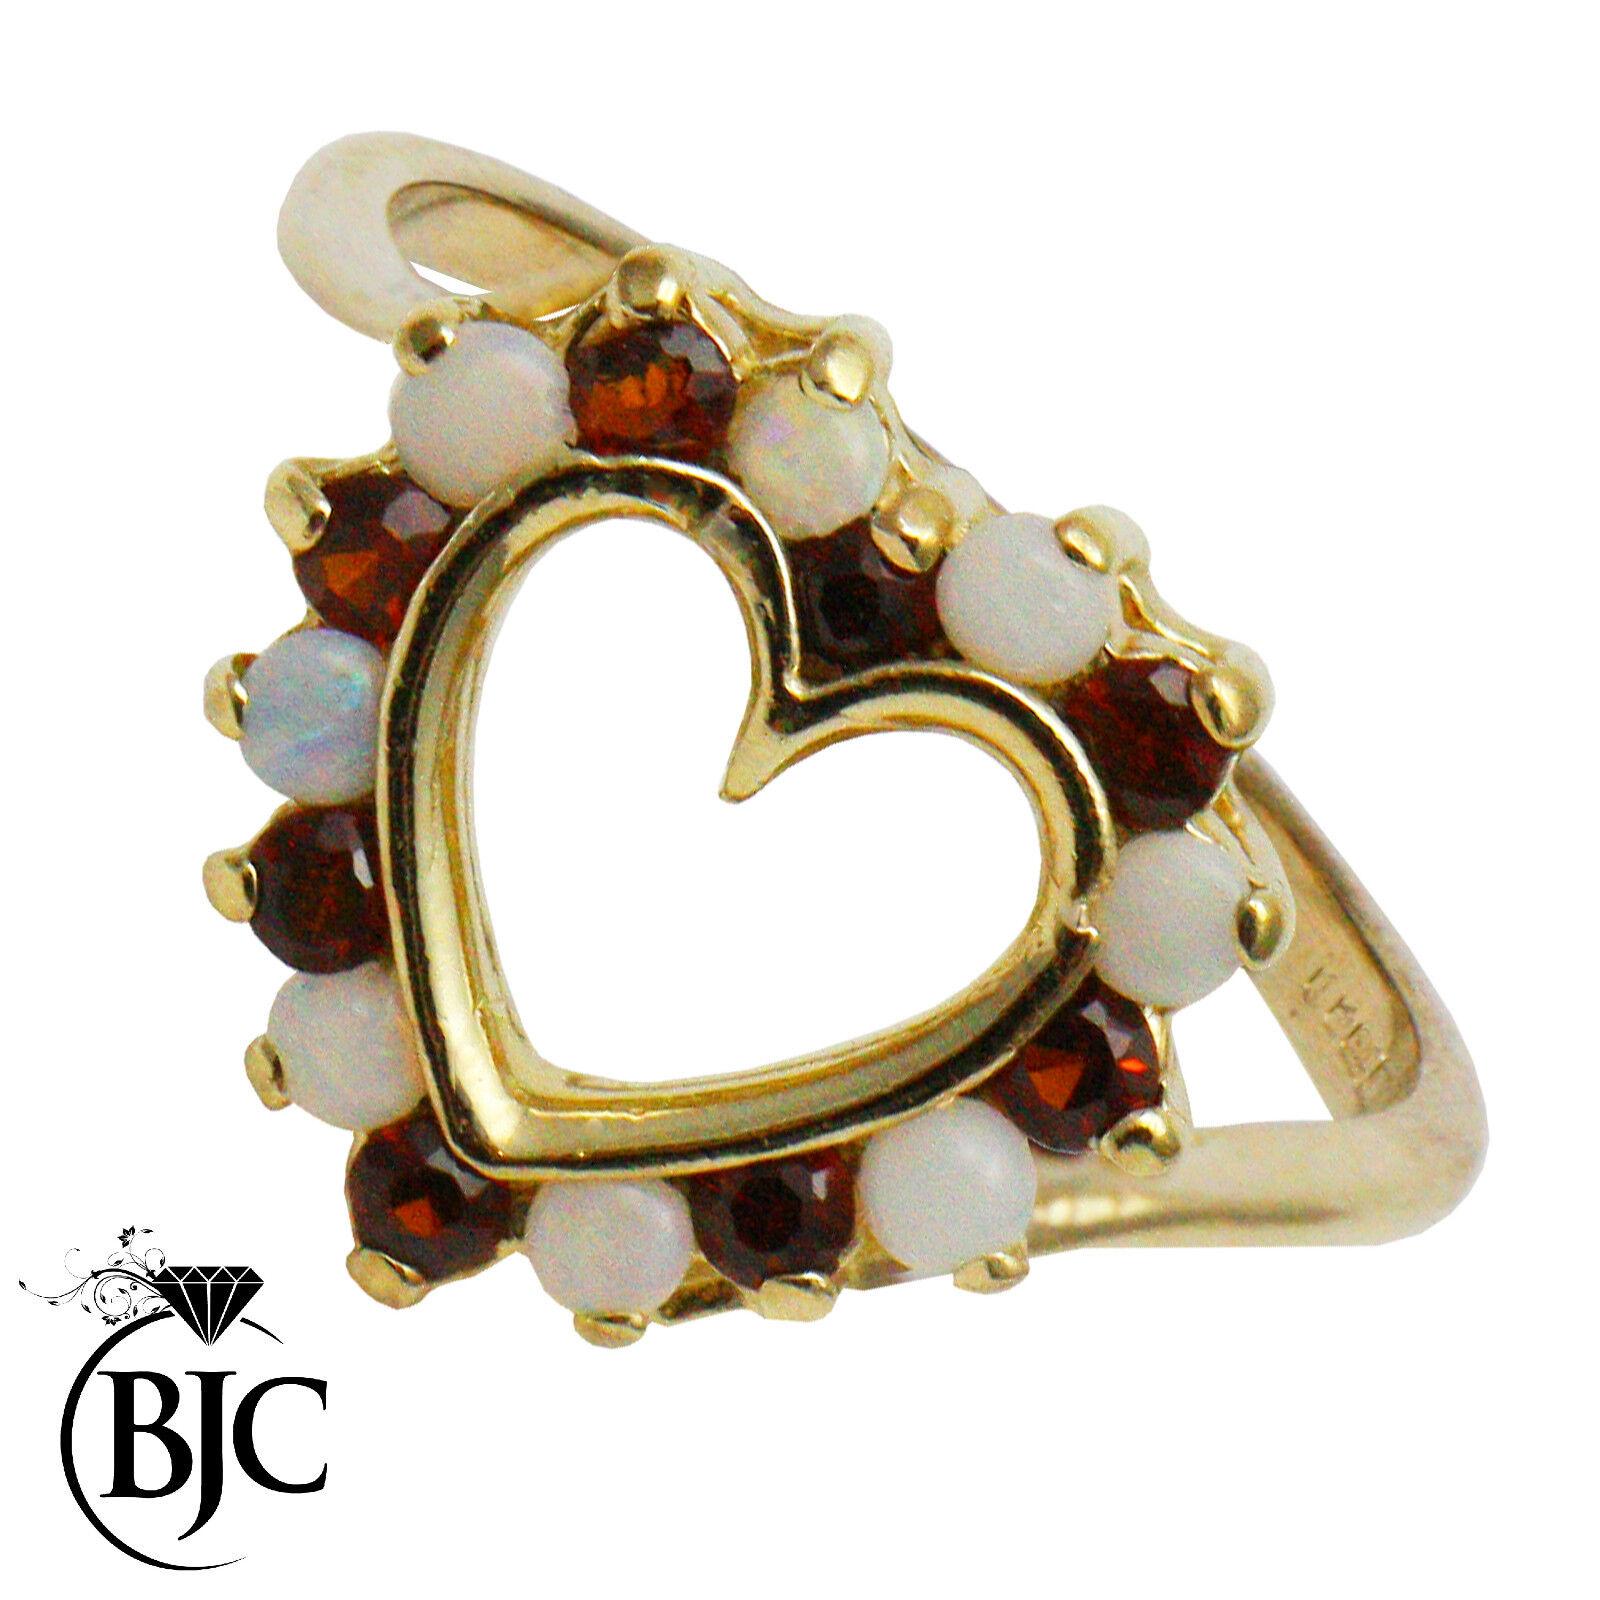 BJC 9ct gold yellow GRANATO & OPALE redondo GRAPPOLO Abito misura anello I R130